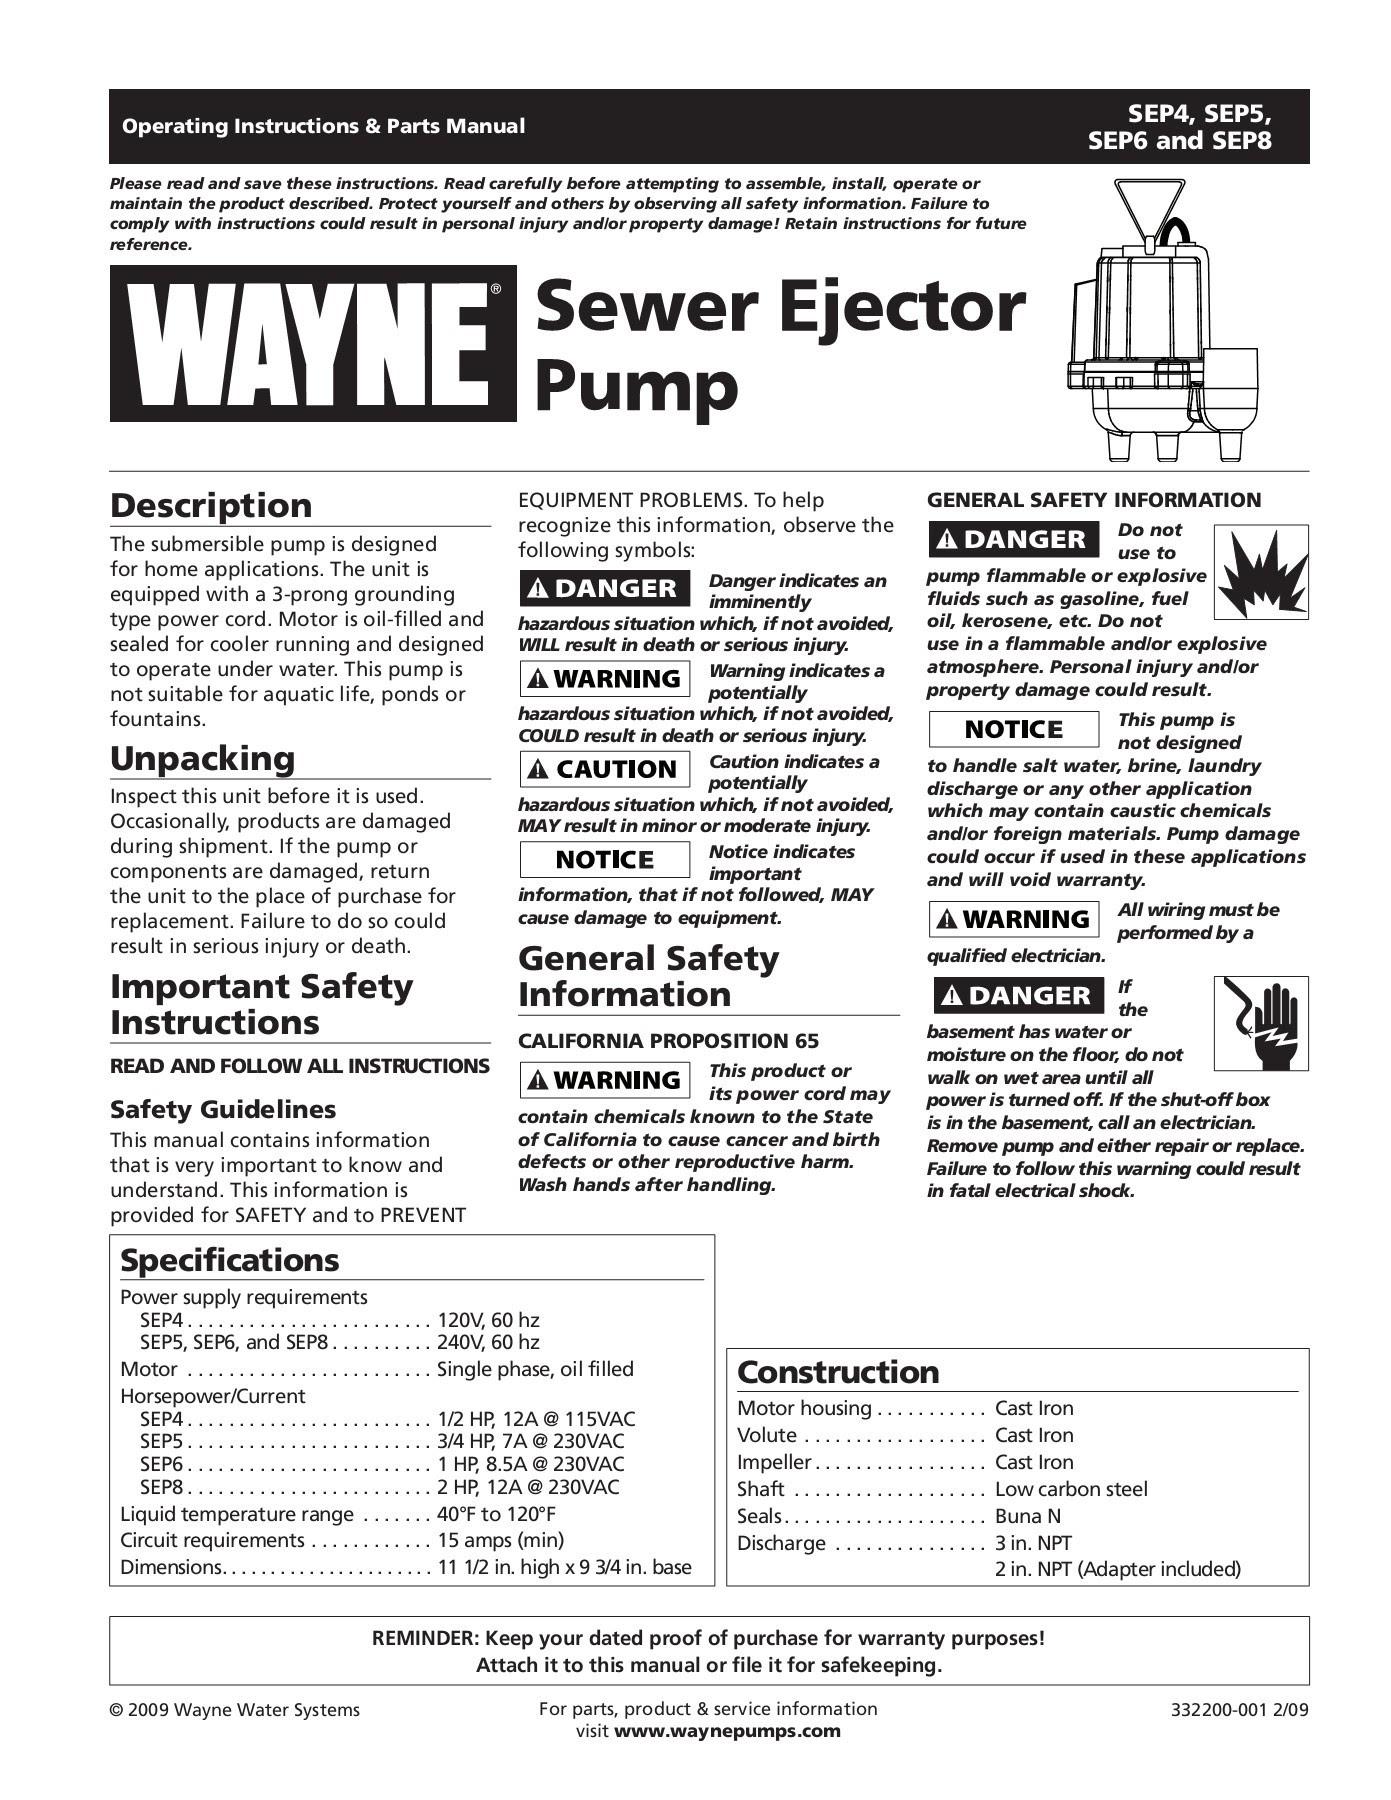 Idea Life Wayne Pump Parts Diagram